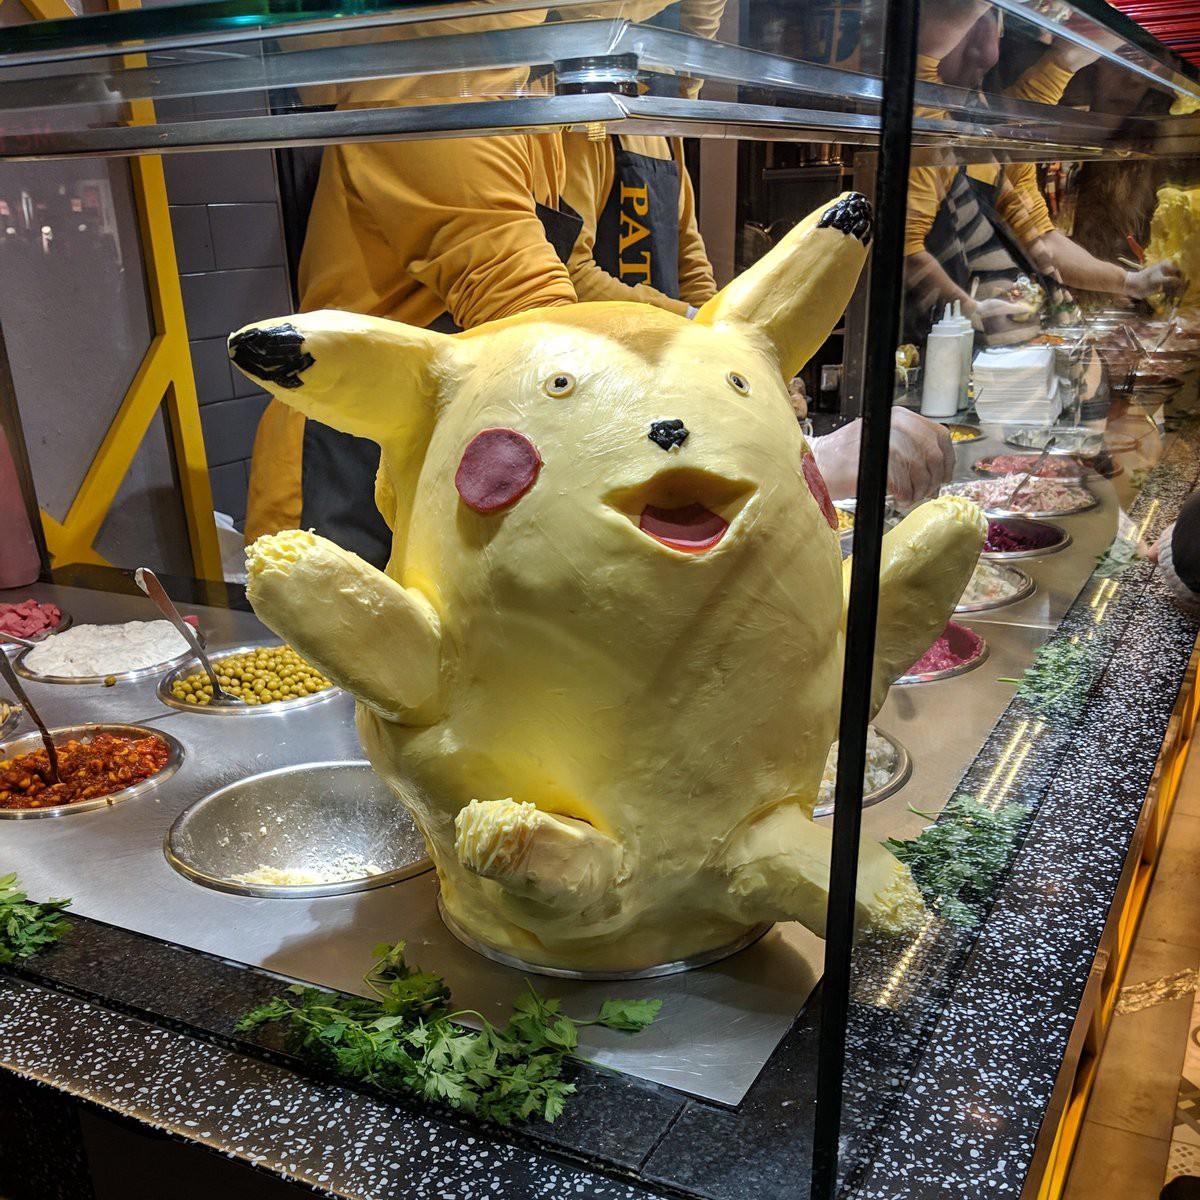 Pikachu làm từ bơ khiến thực khách không thể rời mắt vì vừa dị vừa đáng yêu - Ảnh 1.